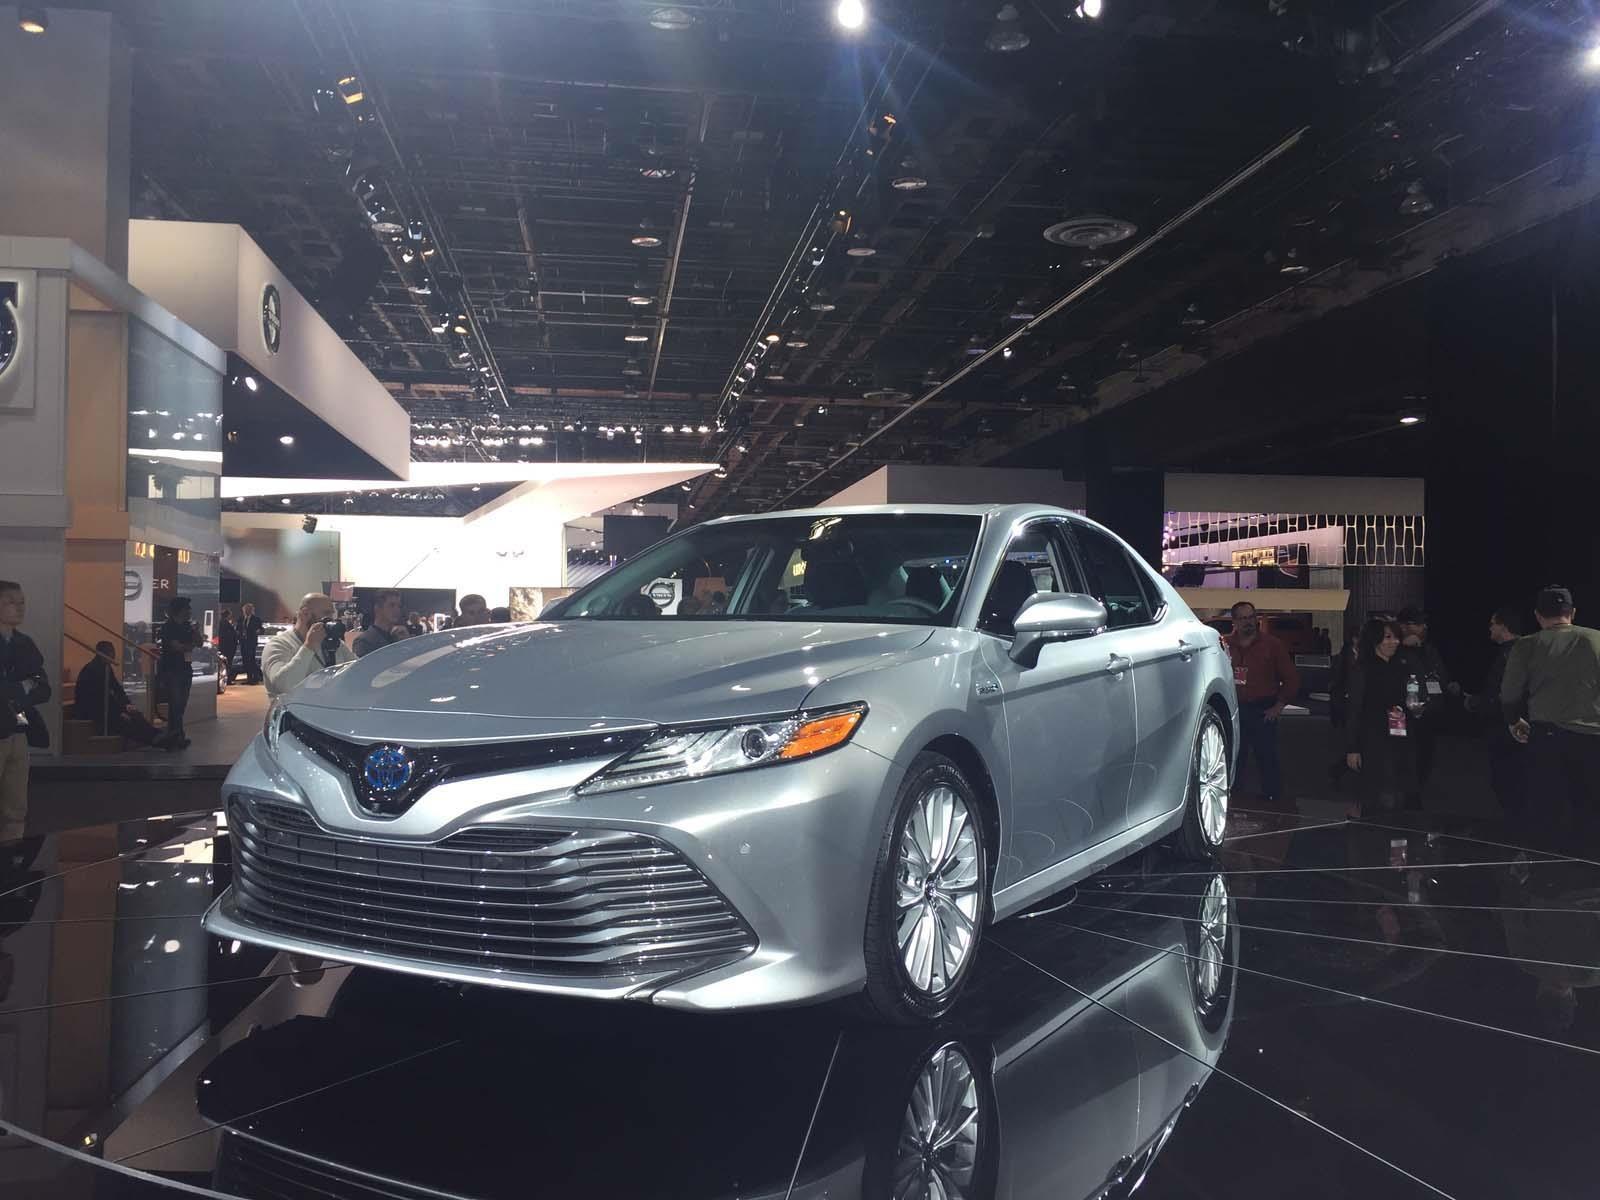 Toyota Camry 2018, el mediano más vendido de EU se renueva - Autocosmos.com